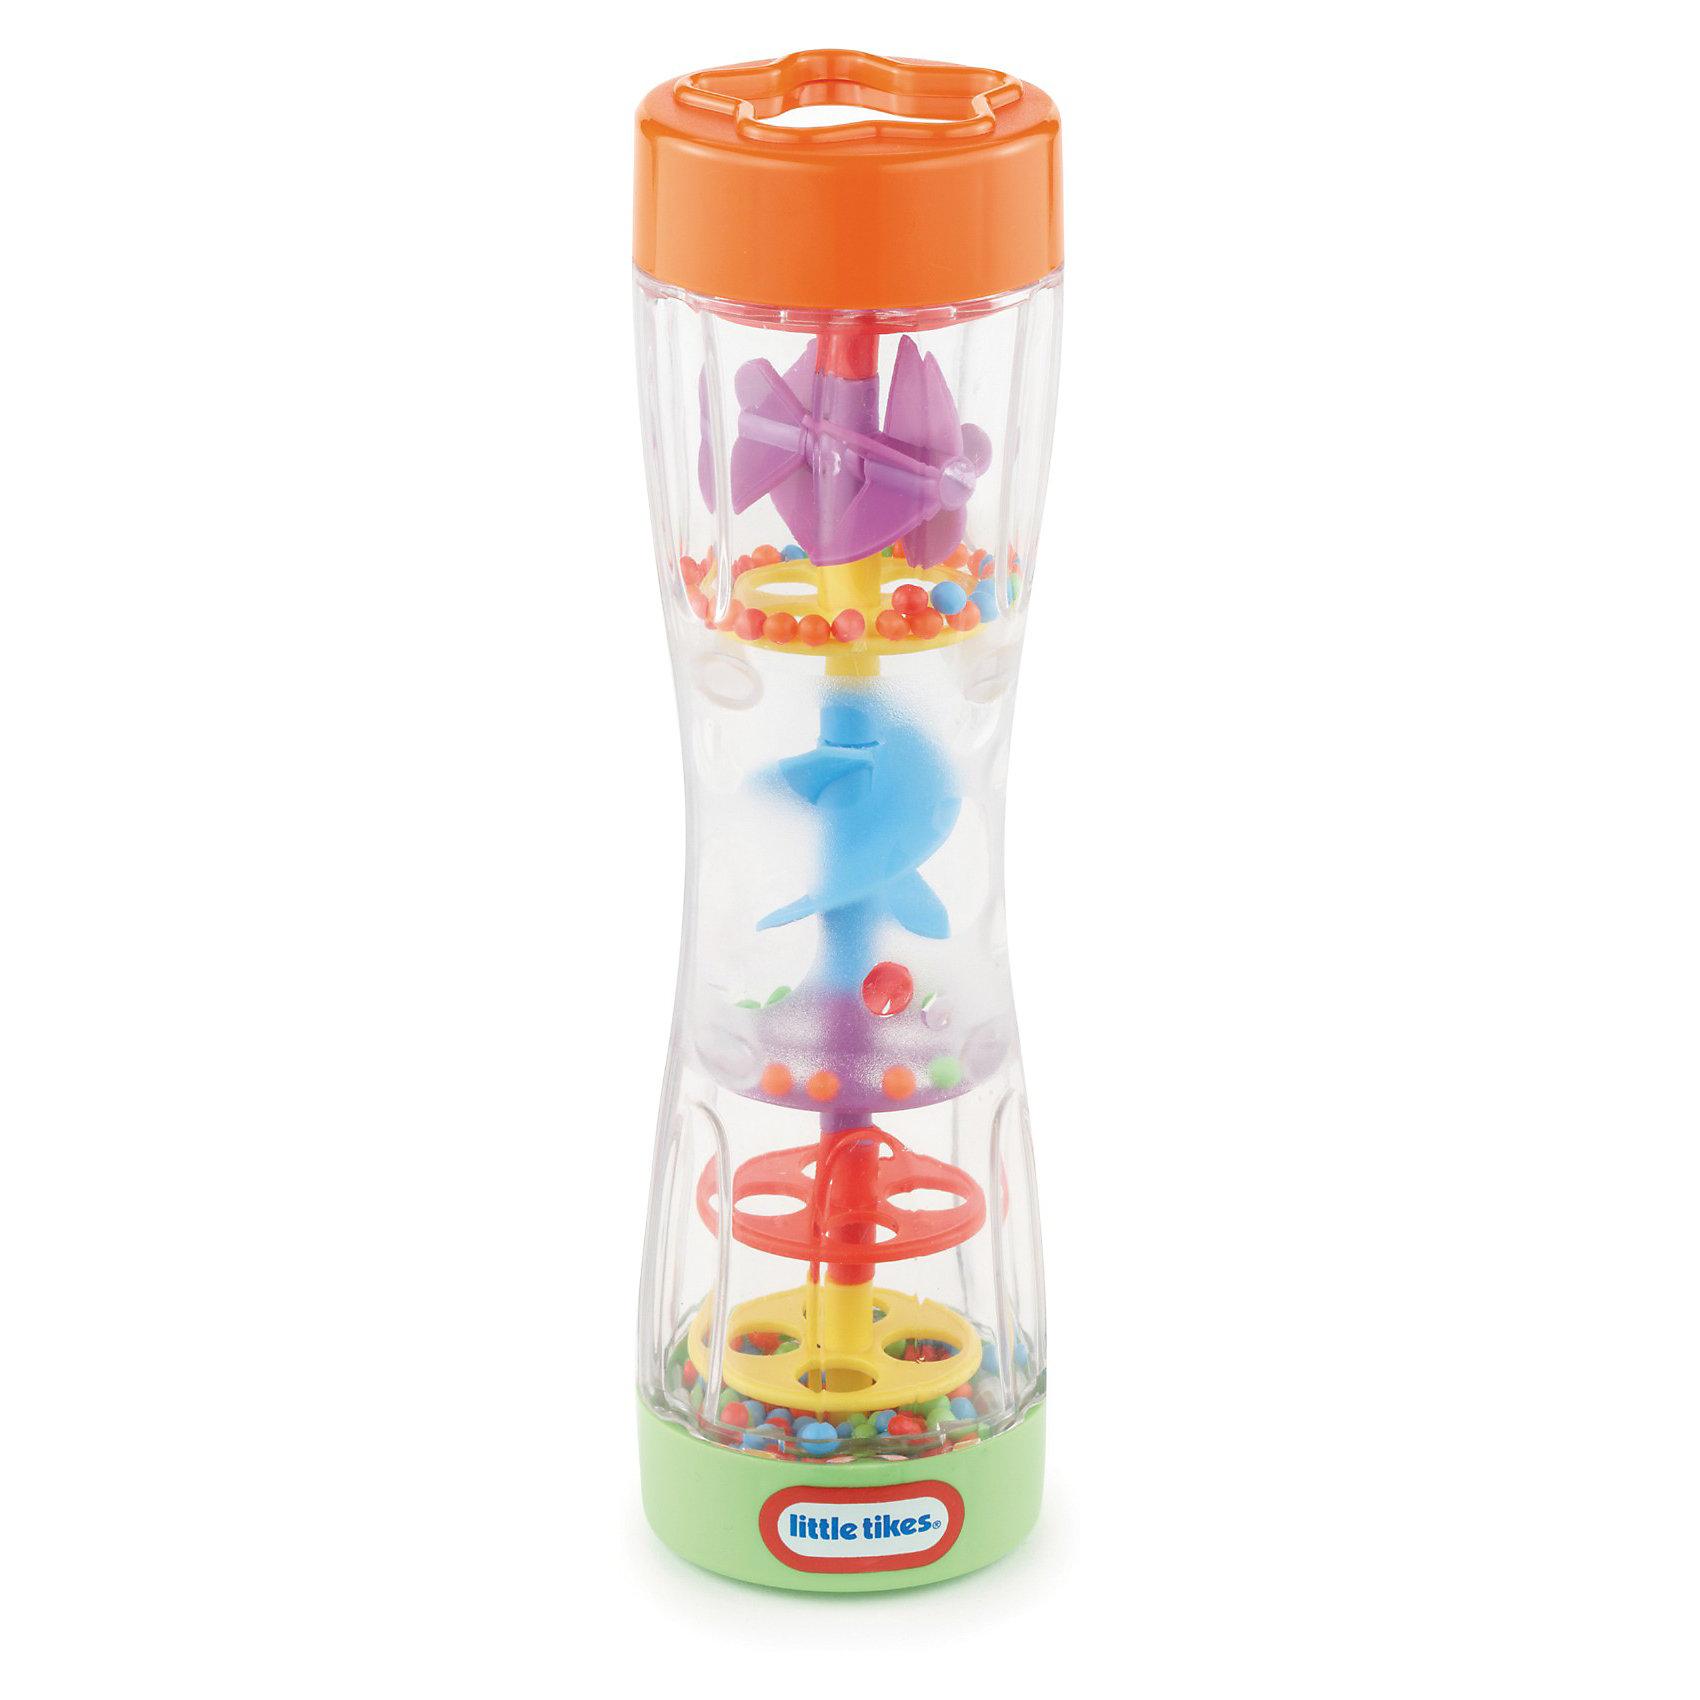 Цветной дождь, Little TikesПогремушки<br>Цветной дождь, Little Tikes (Литл Тайкс) – это отличный подарок вашему ребенку.<br>Переверните погремушку «Цветной дождь» и разноцветные шарики будут смешаться через занимательные колесики и спиральки, со звуком дождя. У погремушки удобная форма, она не выскальзывает из рук.<br><br>Дополнительная информация:<br><br>- Материал: пластик<br>- Размер: 22 х 20 х 8 см.<br>- Вес: 348 гр.<br><br>Погремушку «Цветной дождь», Little Tikes (Литл Тайкс) можно купить в нашем интернет-магазине.<br><br>Ширина мм: 80<br>Глубина мм: 220<br>Высота мм: 200<br>Вес г: 348<br>Возраст от месяцев: 6<br>Возраст до месяцев: 12<br>Пол: Унисекс<br>Возраст: Детский<br>SKU: 3624937